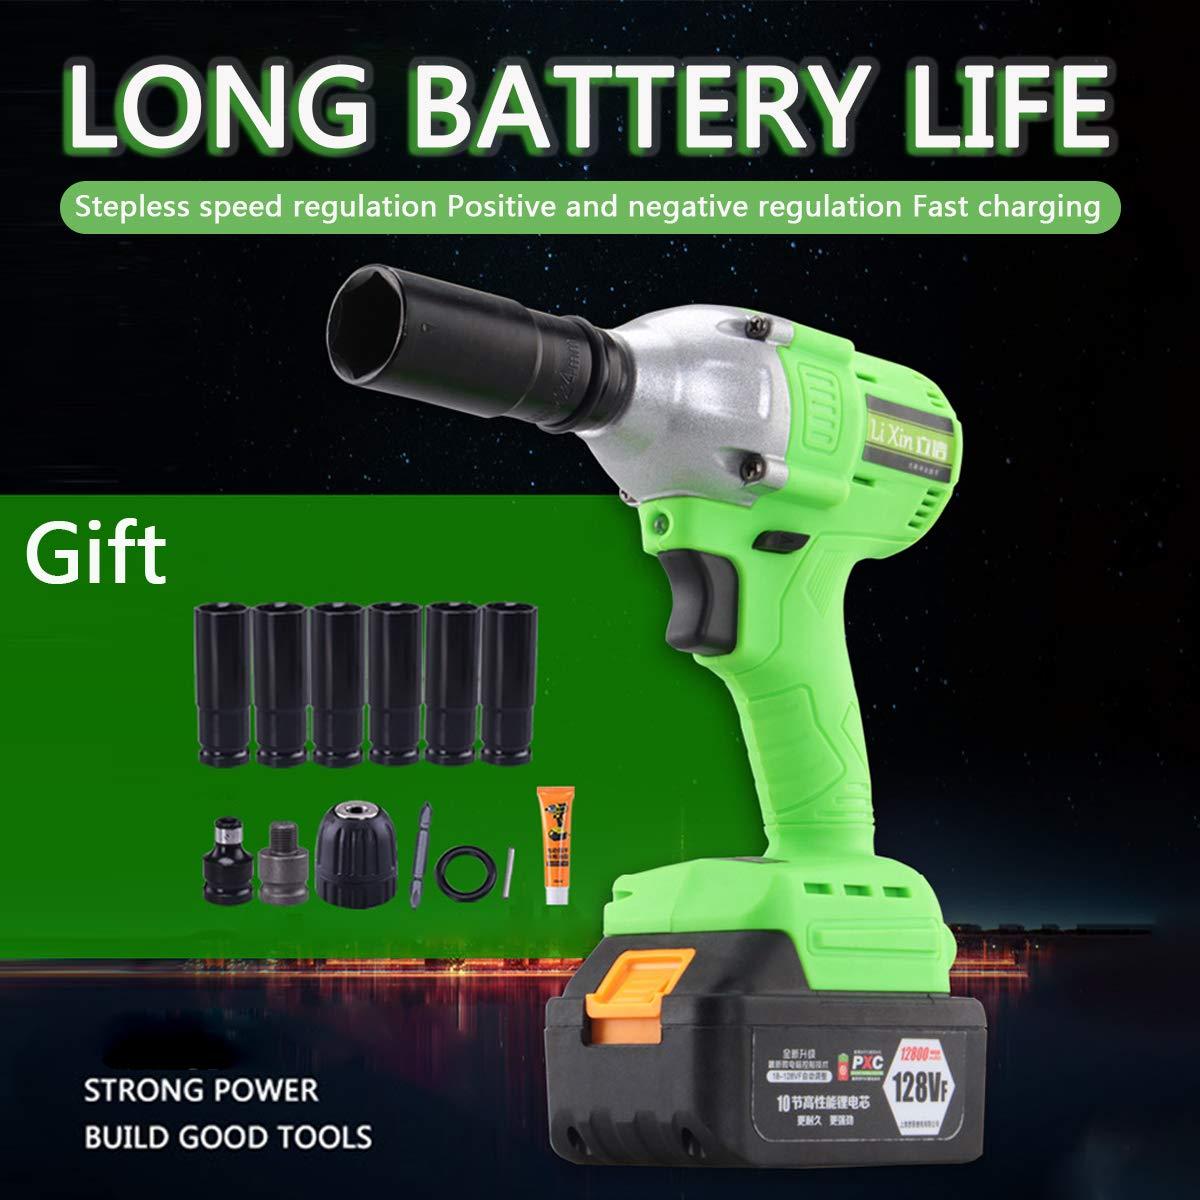 4000 mAh Cl/é /à choc sans fil 1//2 pouce Cl/é /à choc pour batterie de pilote compacte 1//2 pouce Pistolet /à choc portatif 20V Outil /à impact /électrique